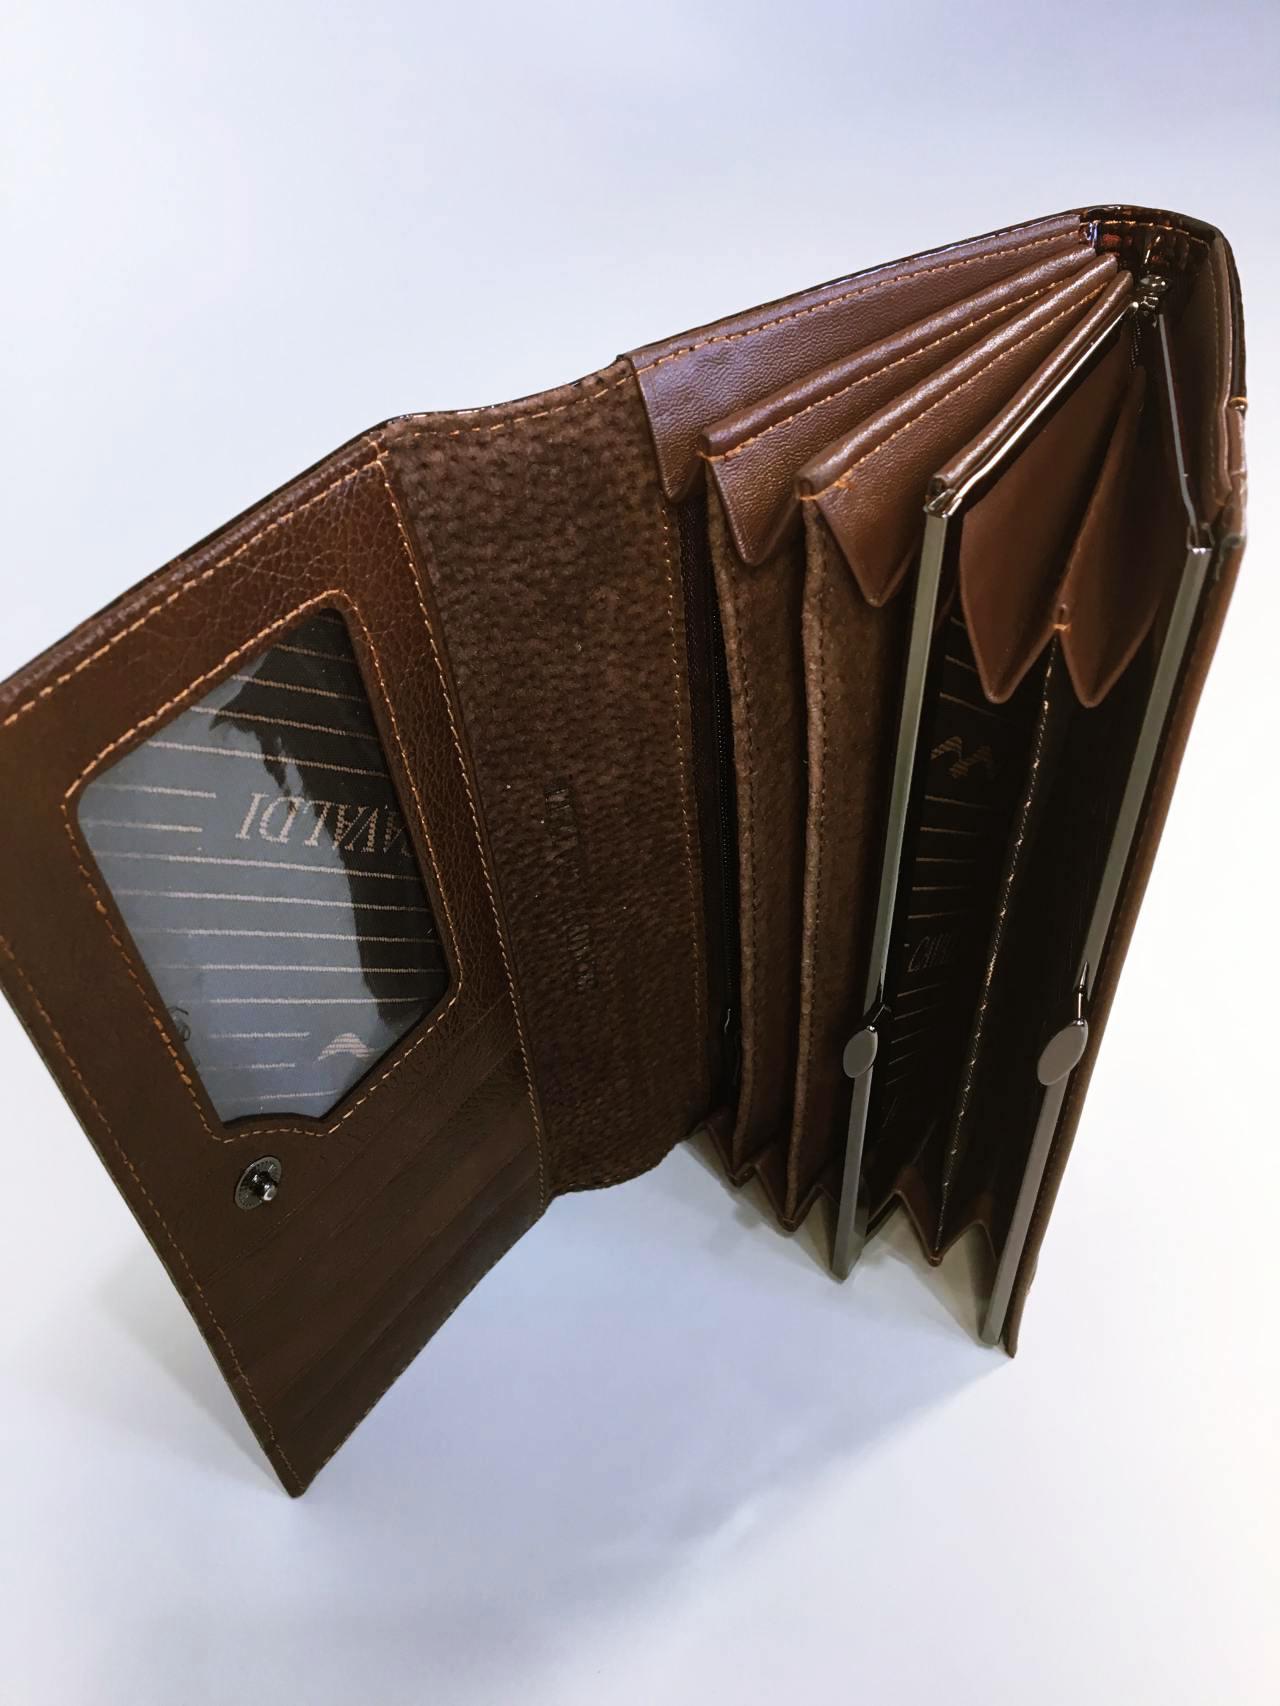 Kožená peněženka Cavaldi tmavě hnědá lesklá 04